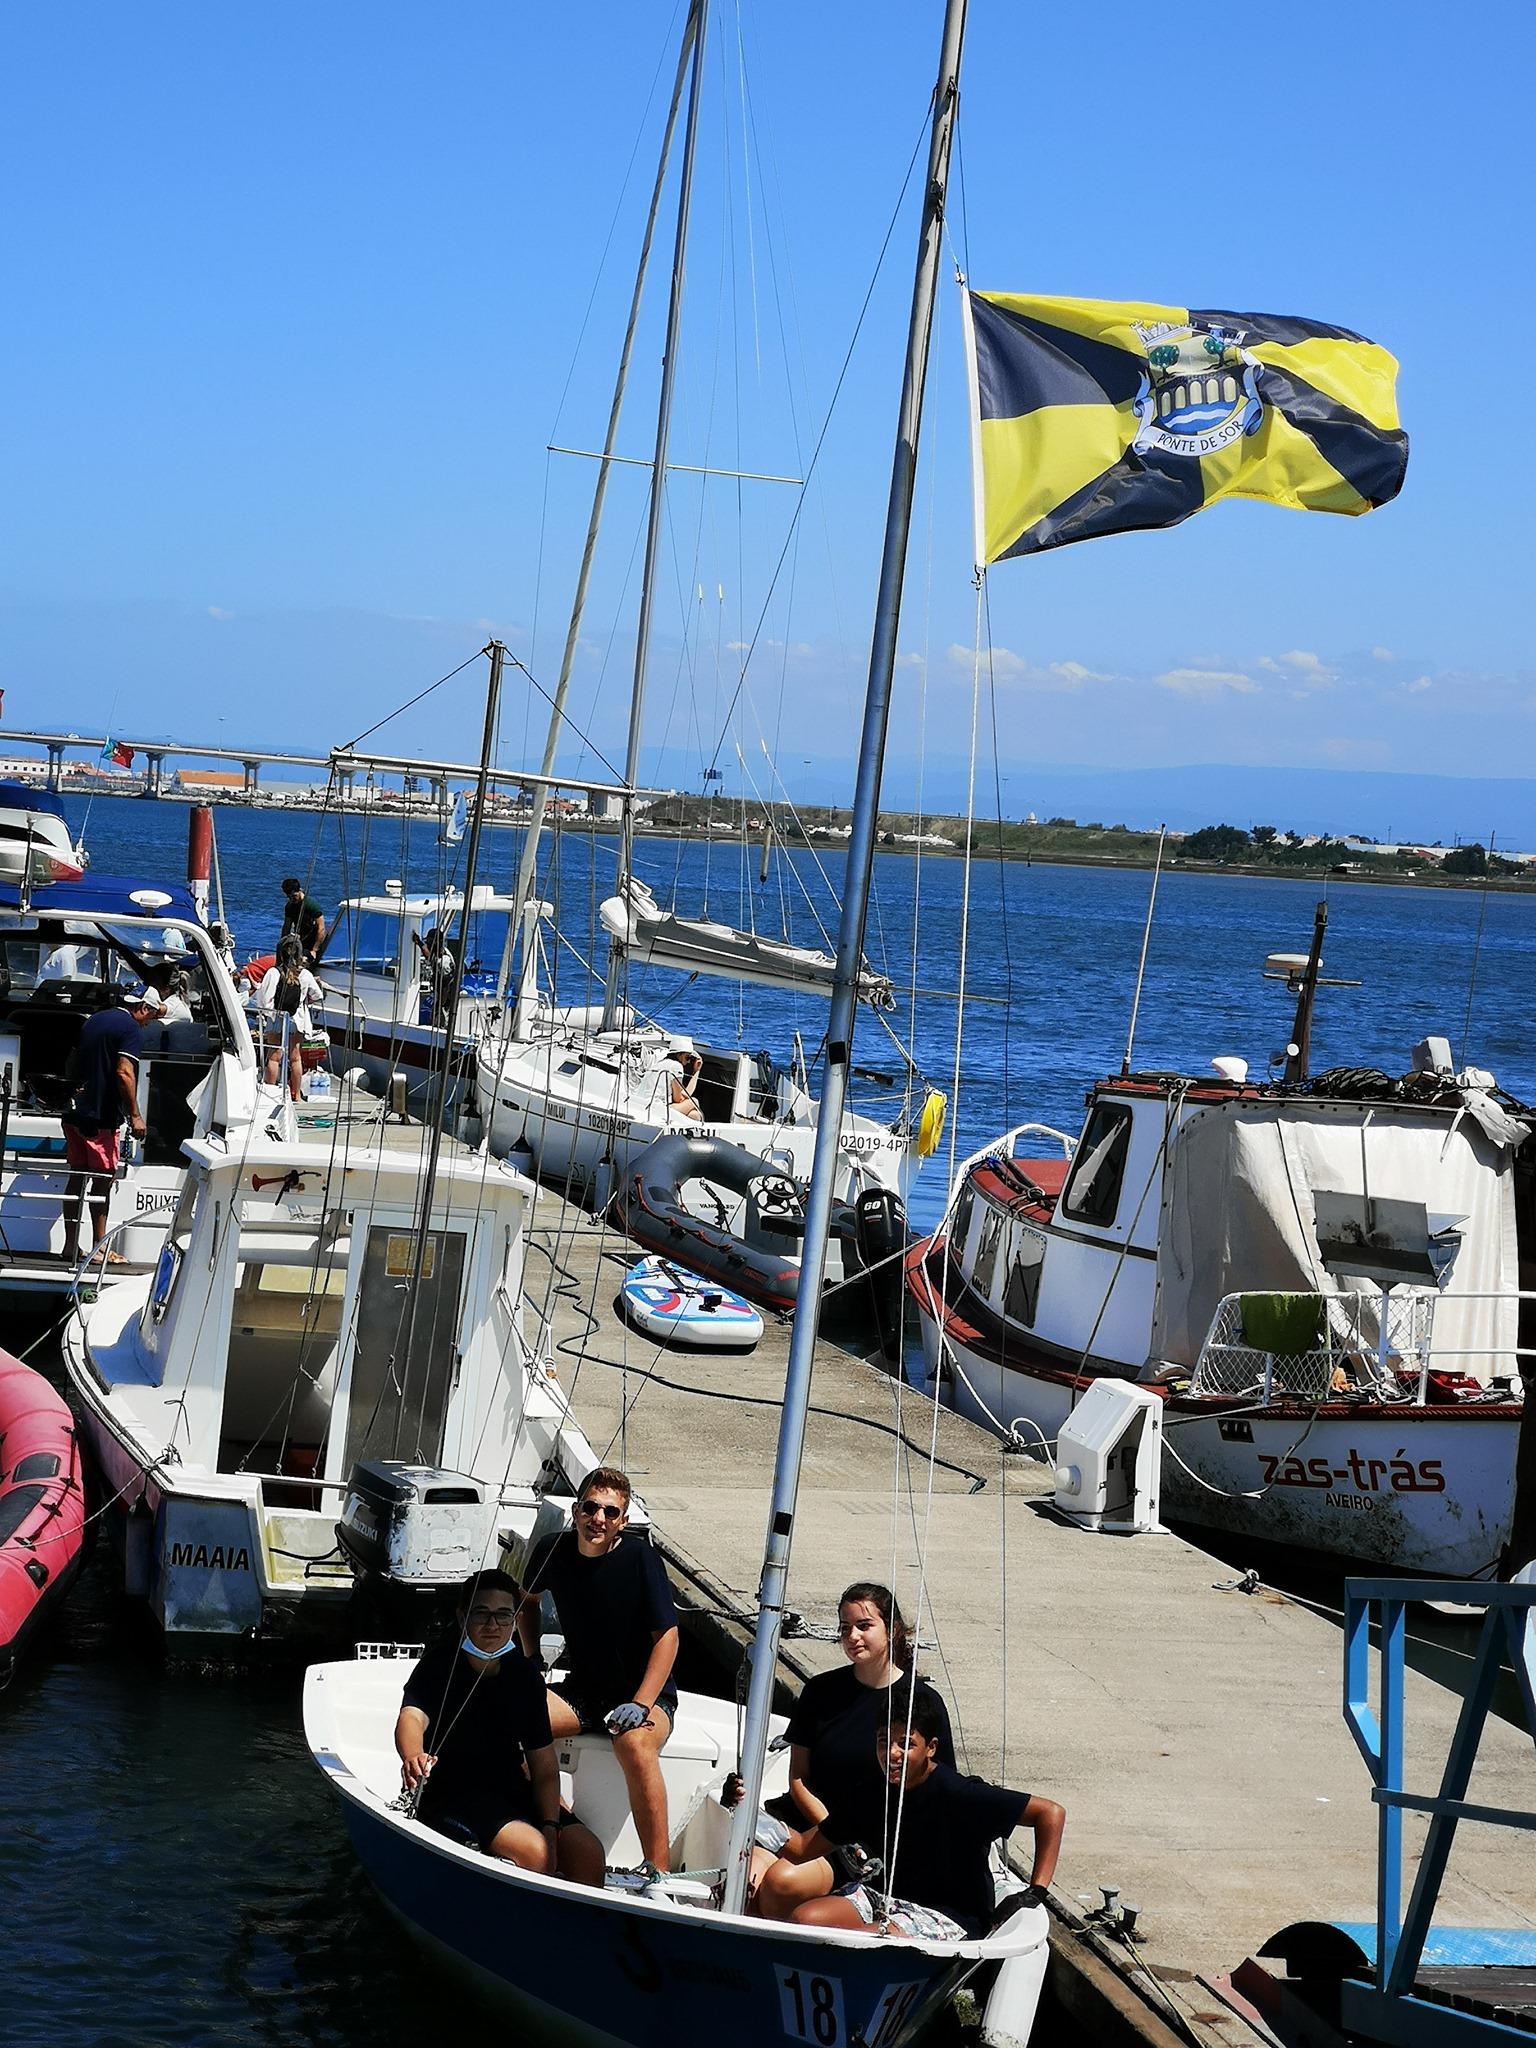 Clube de Vela e Canoagem de Montargil ganha troféu na Regata 4 Horas da Costa Nova em Aveiro